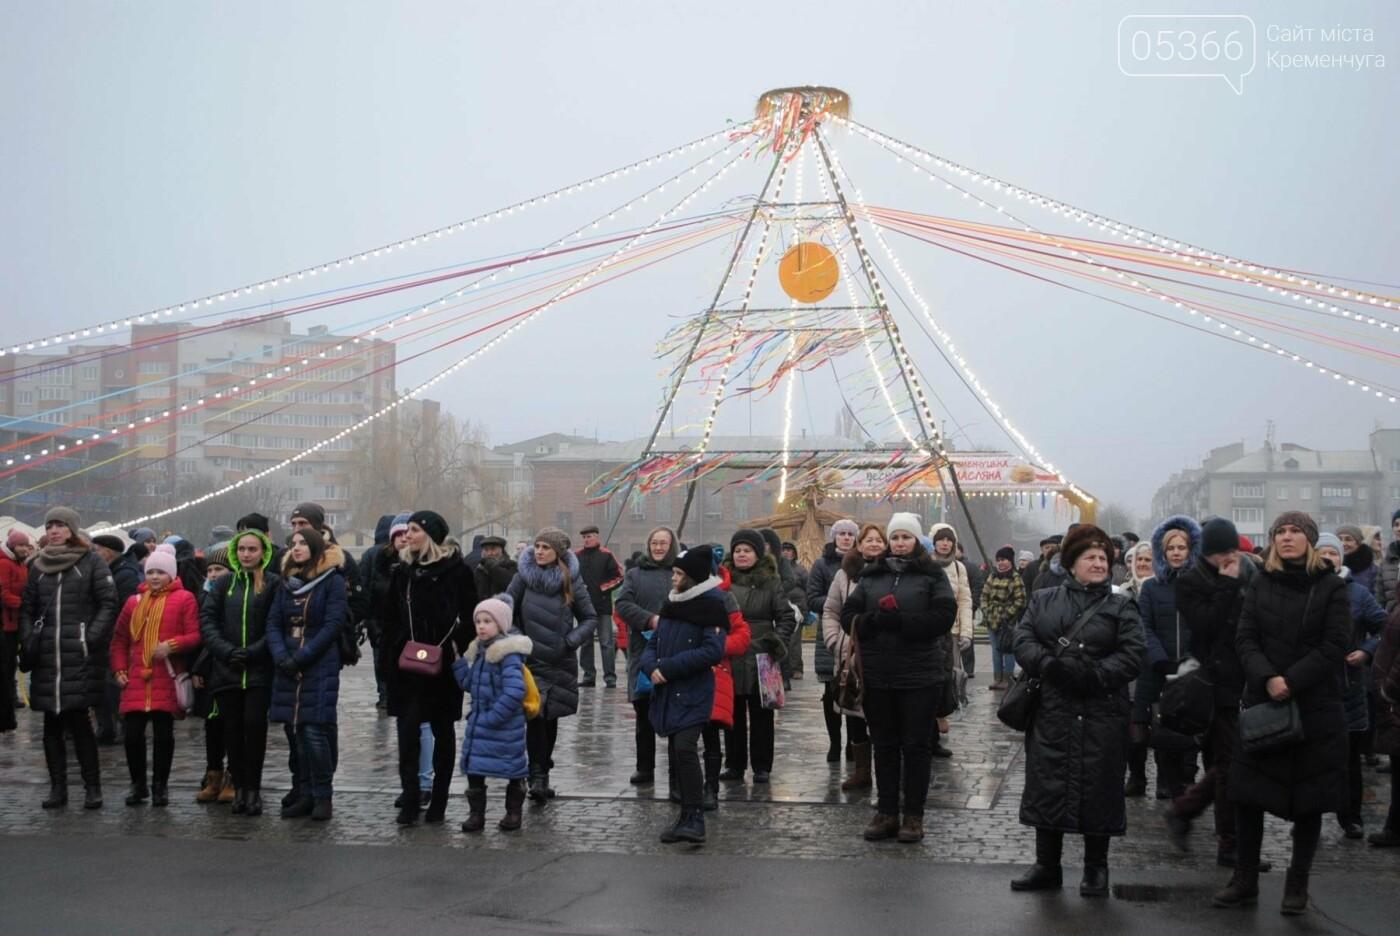 Масленицу в Кременчуге открыли парадом, хороводом и катанием на телеге (фото и видео), фото-4